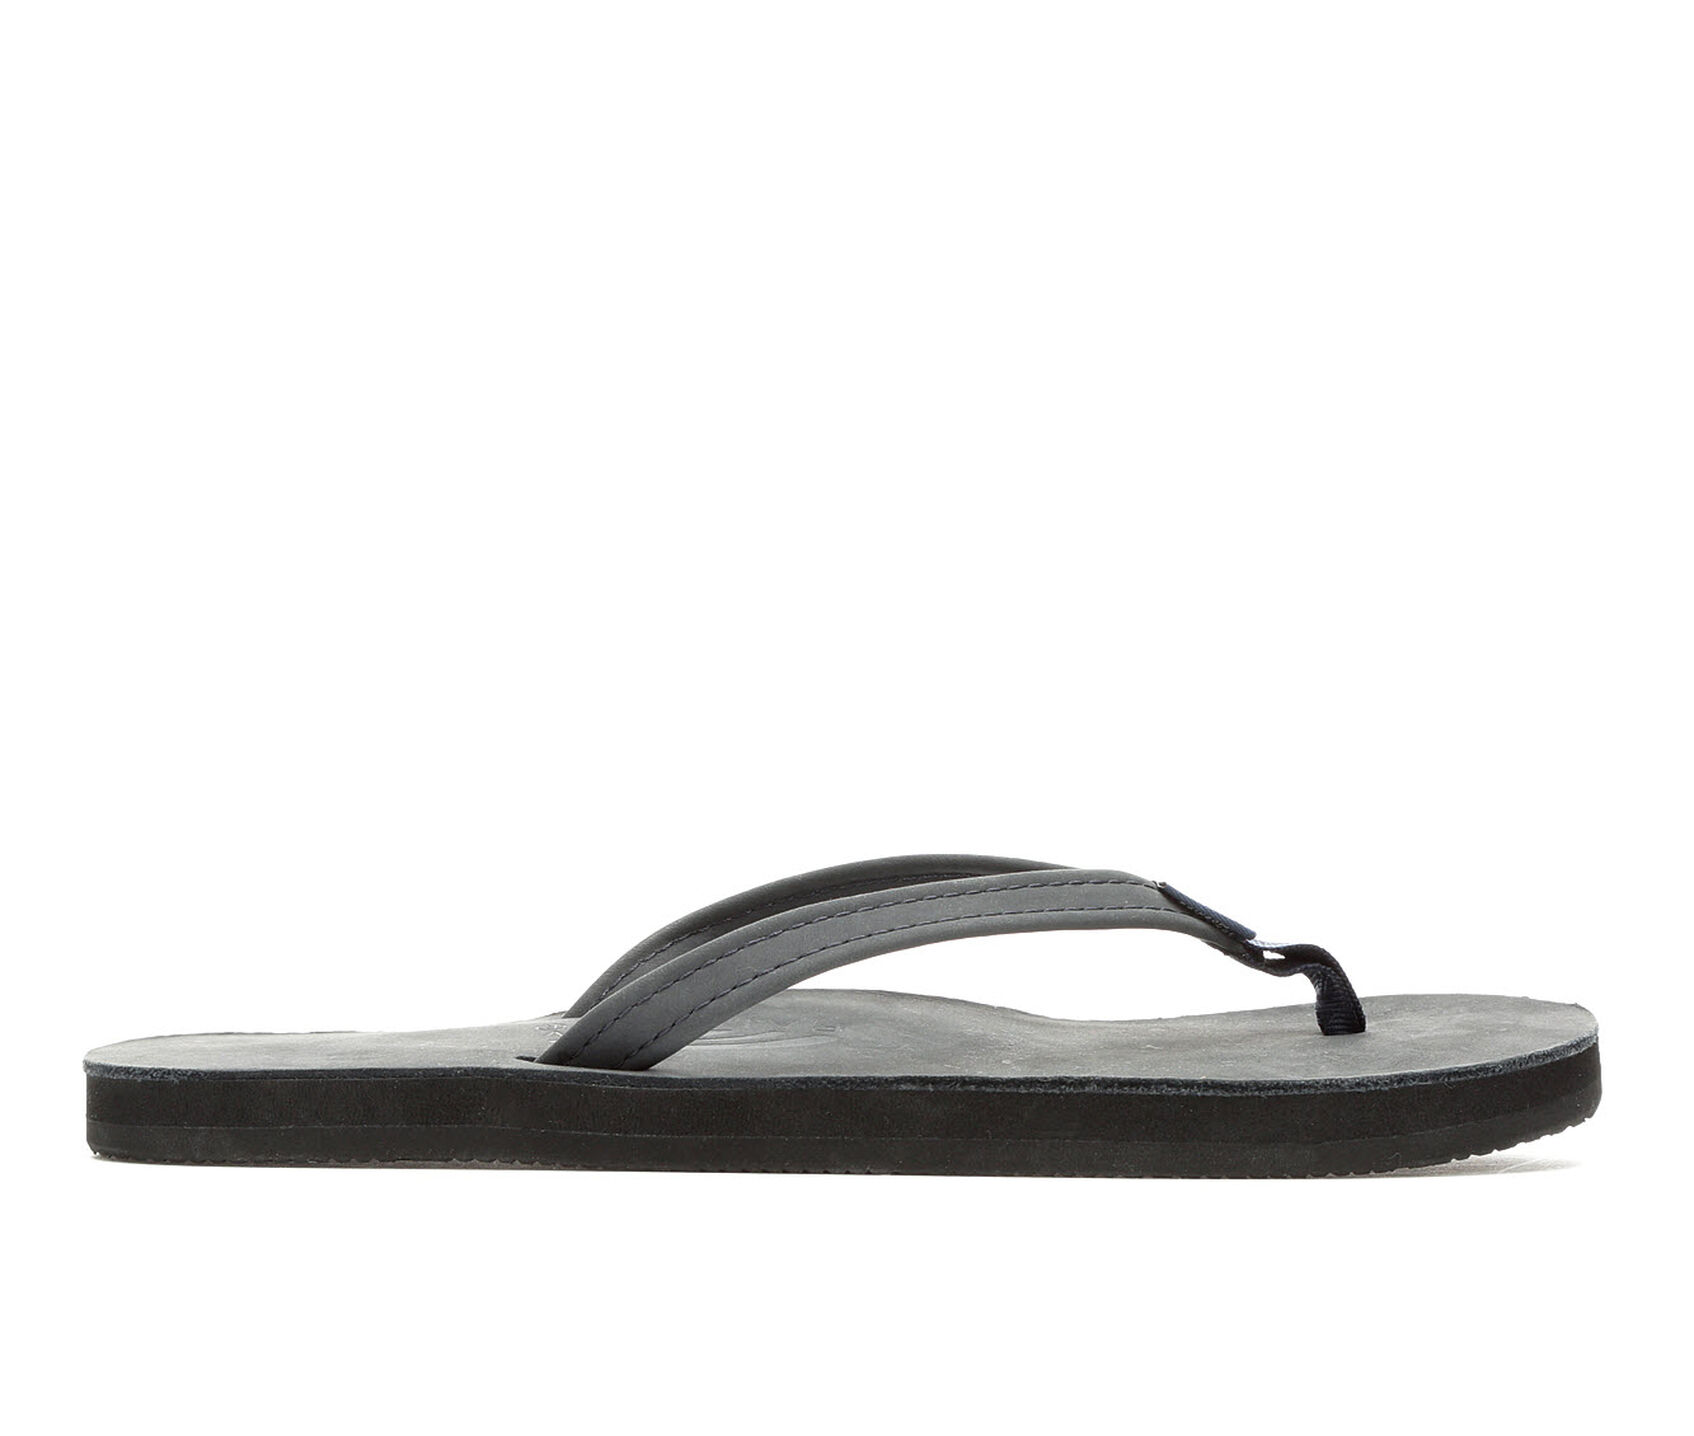 d21380861 ... Rainbow Sandals Single Layer Premier Leather -301ALTSN Flip-Flops.  Previous